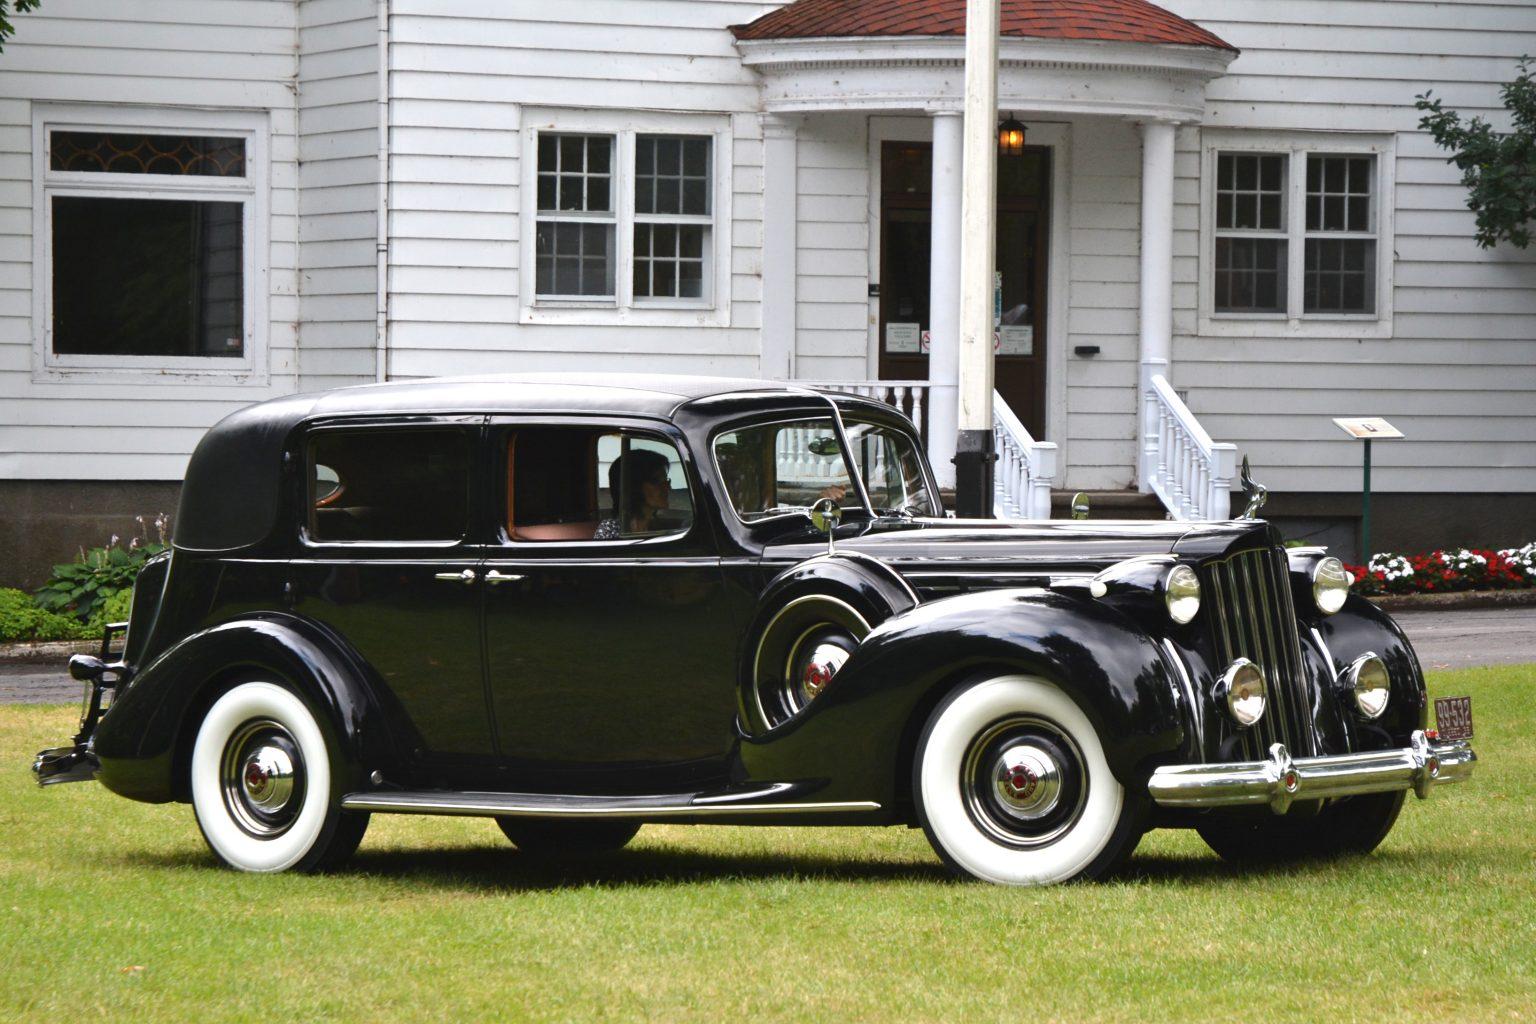 exposition de voitures anciennes de beaconsfield voitures anciennes du qu bec inc vaq. Black Bedroom Furniture Sets. Home Design Ideas